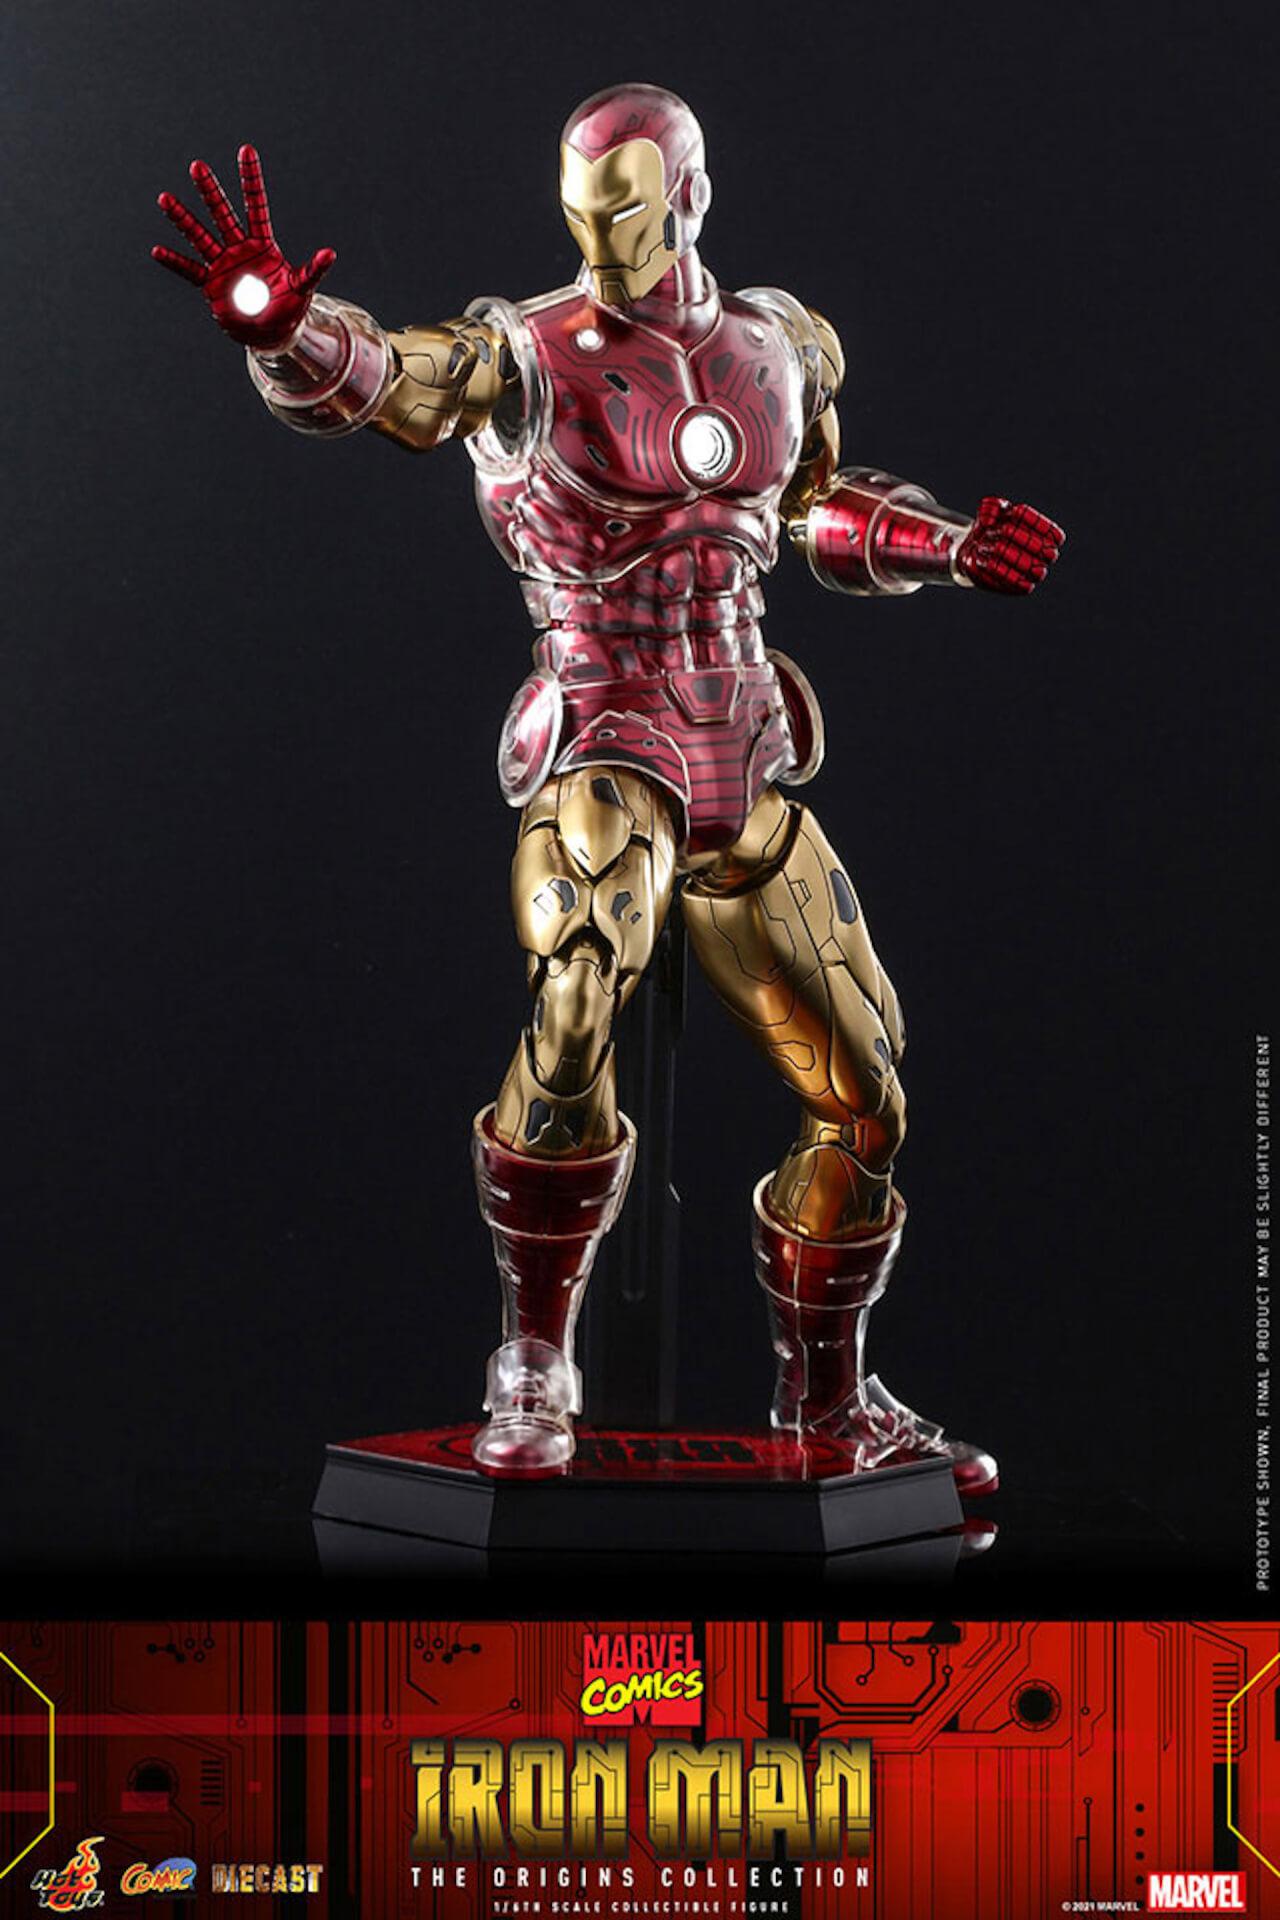 マーベルコミック版のアイアンマンをリアルに再現!ホットトイズ「コミック・マスターピース DIECAST」に登場 art210414_ironman_hottoys_11